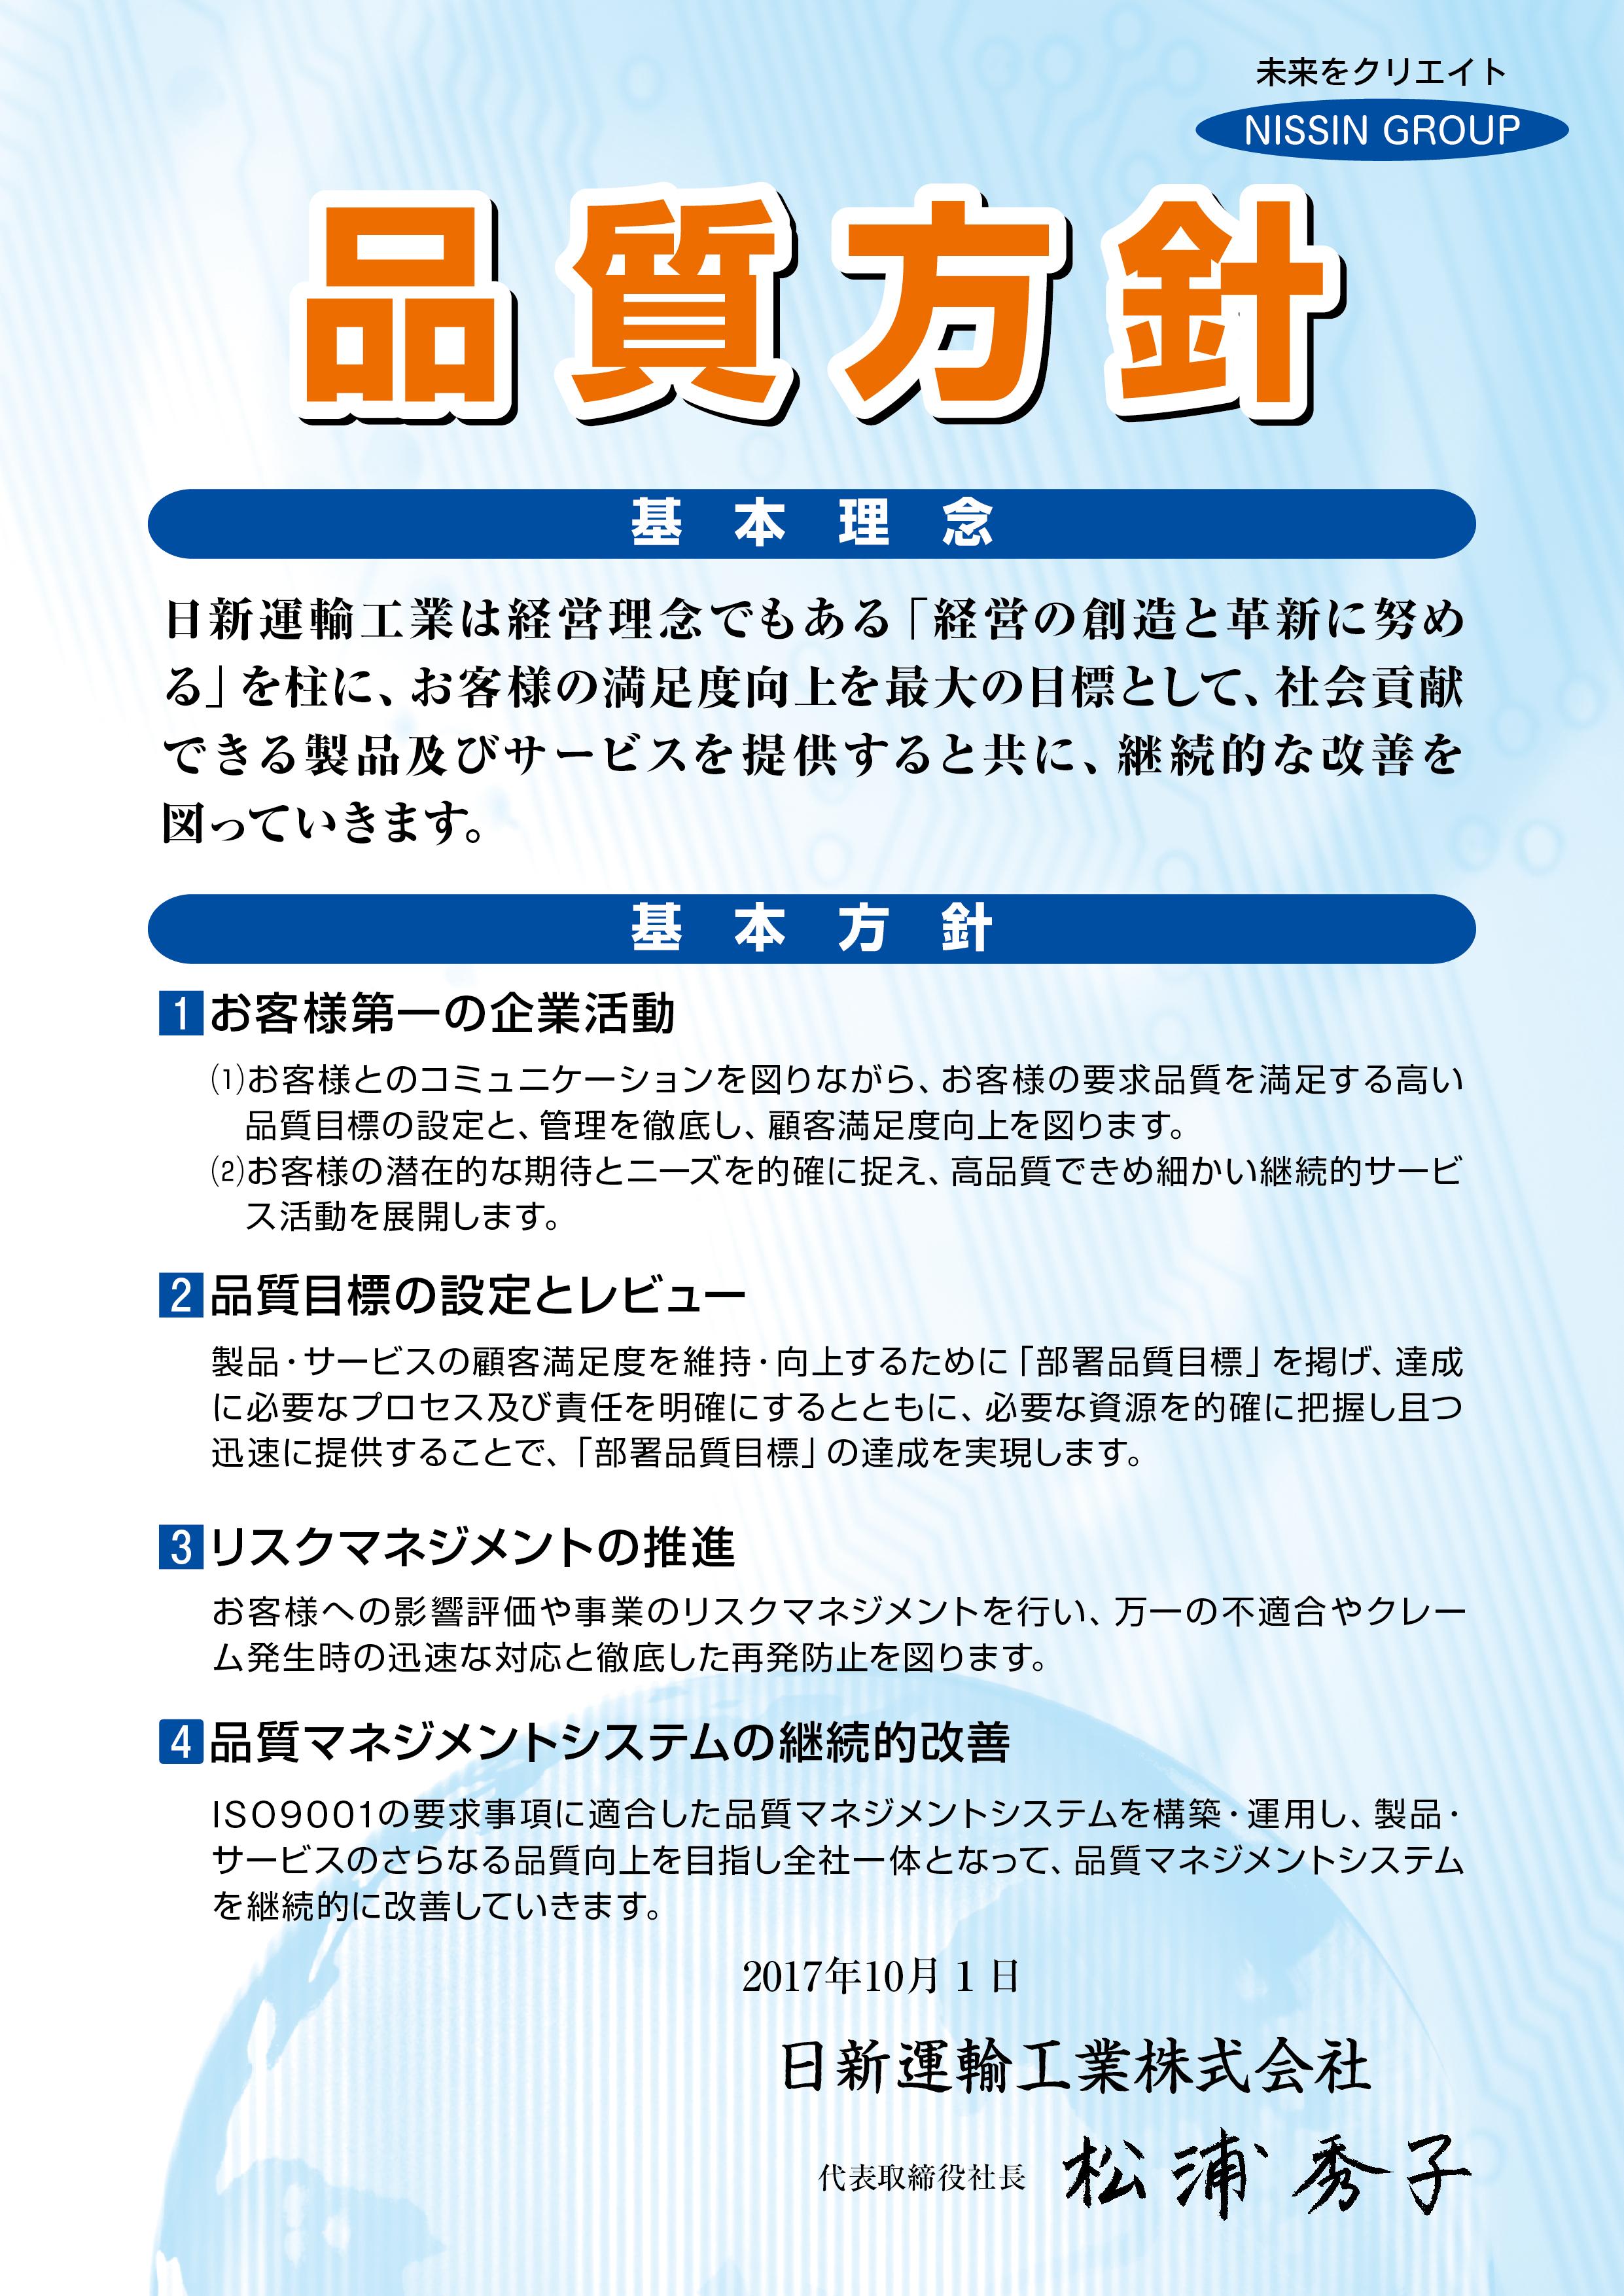 メッセージ・経営理念・経営方針 | 日新運輸工業株式会社